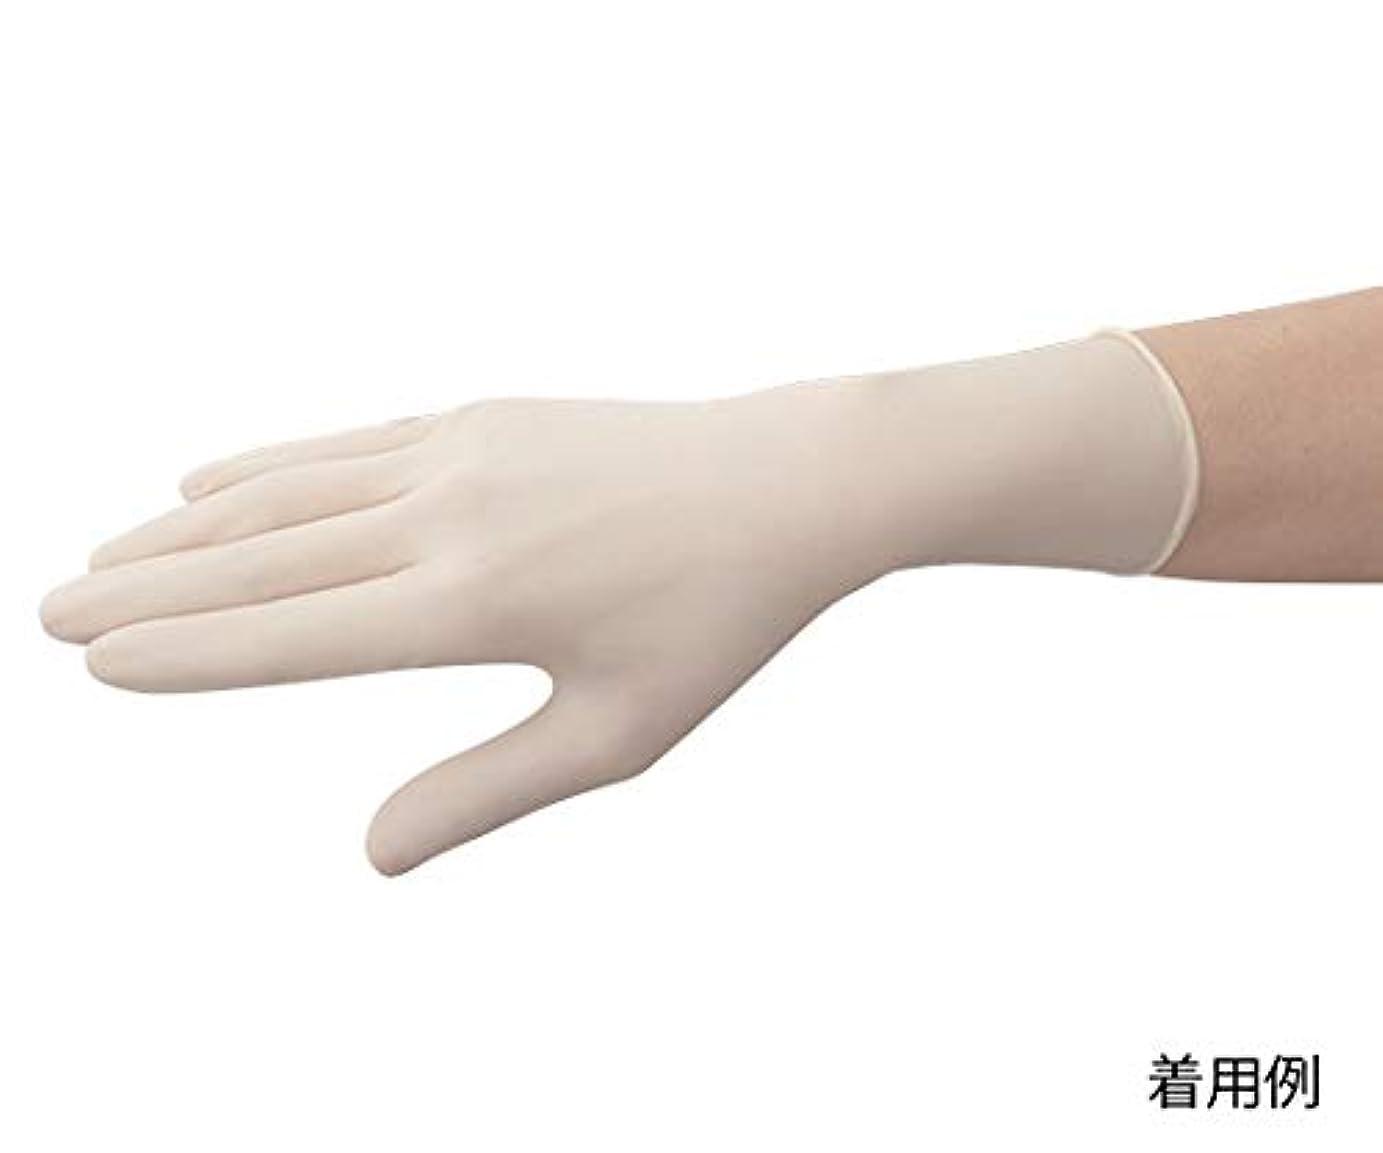 セッティング接触煙東レ?メディカル 手術用手袋メディグリップ パウダーフリー50双 8175MG